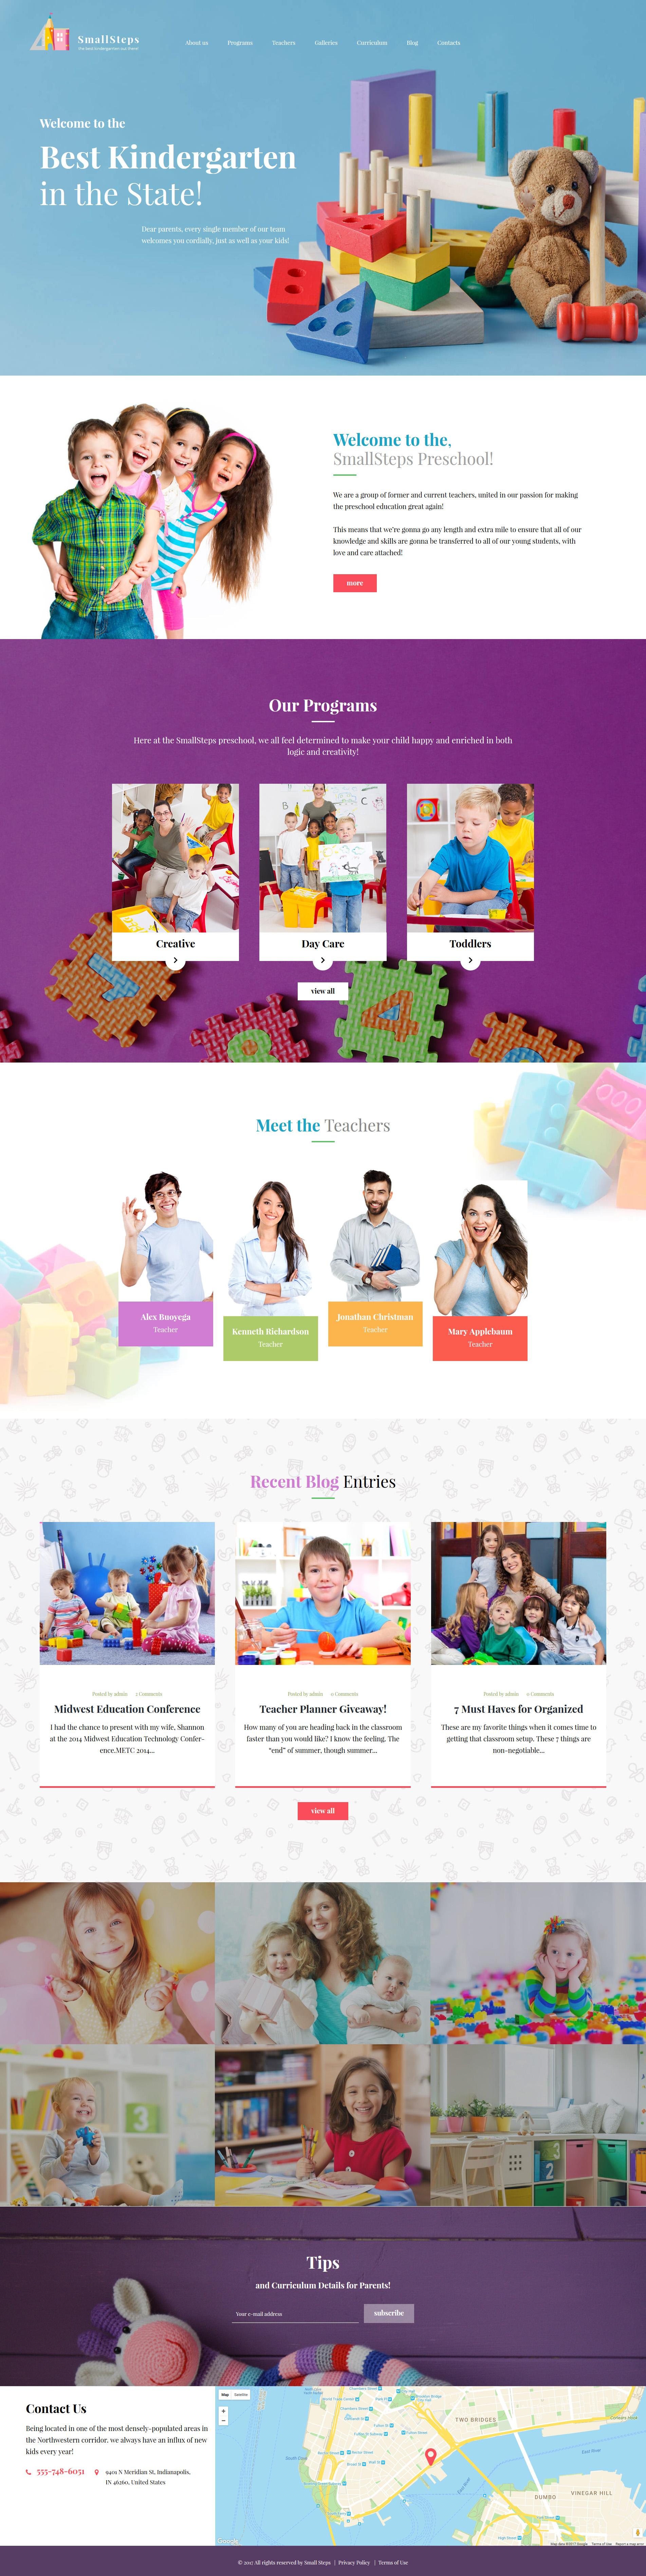 Responsywny motyw WordPress SmallSteps - Kindergarten Responsive WordPress Theme #62446 - zrzut ekranu